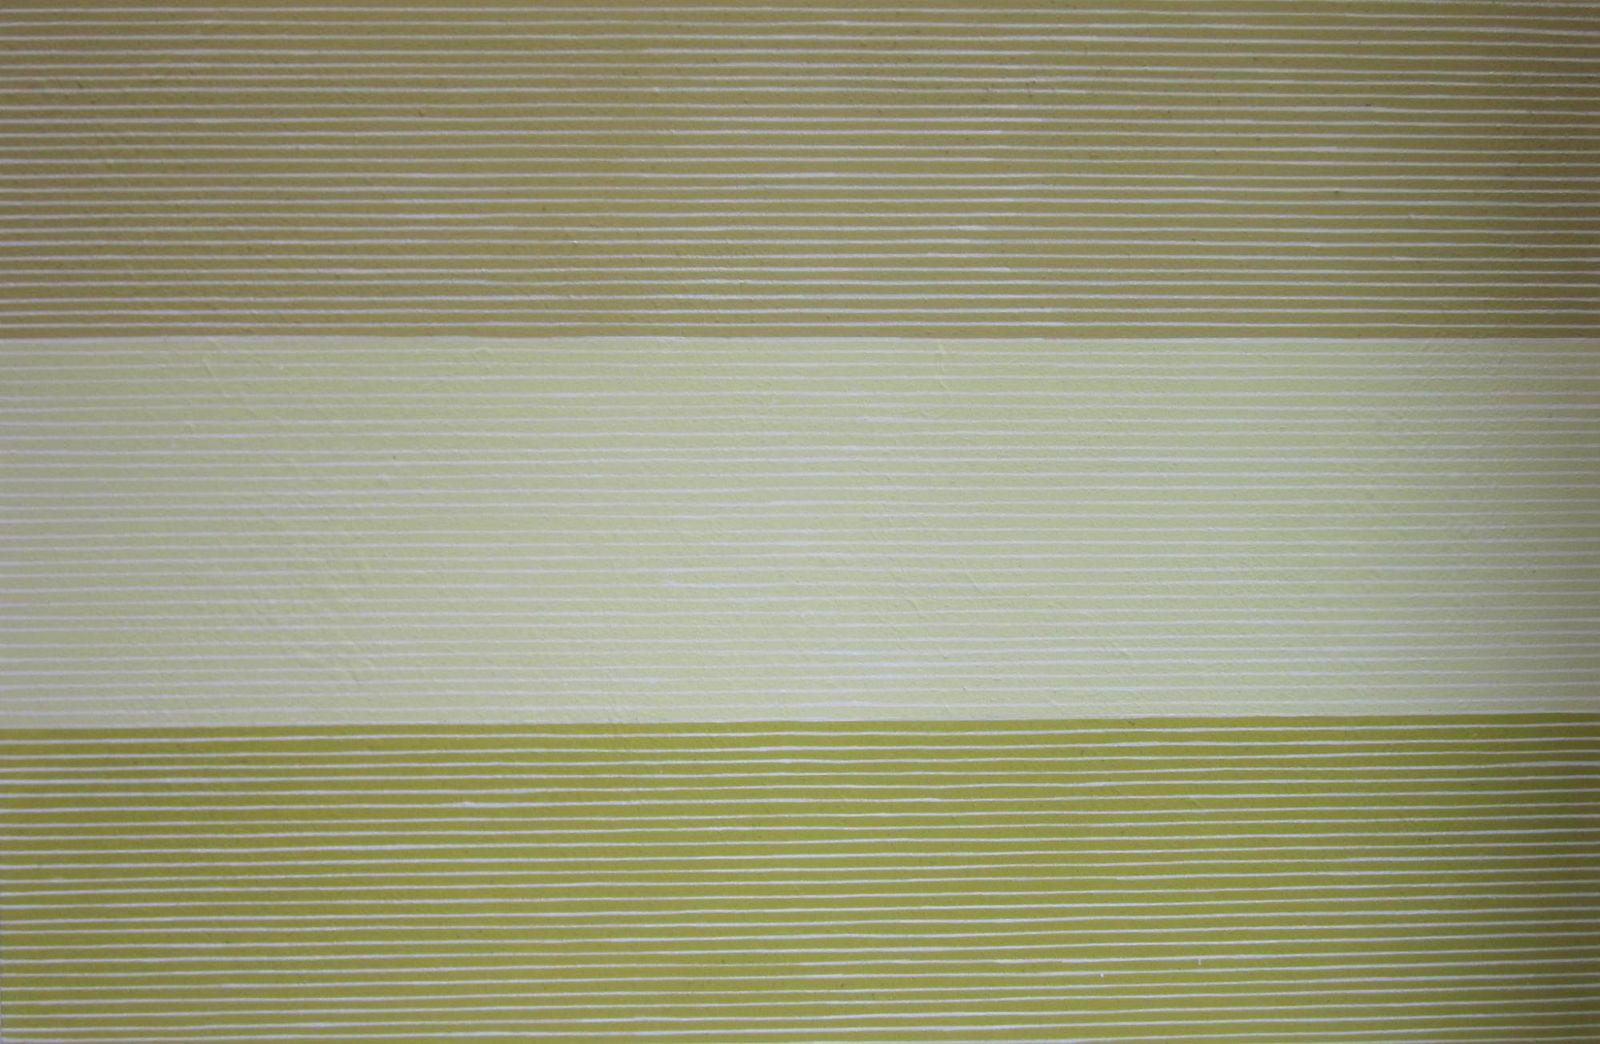 Lichtlinie II